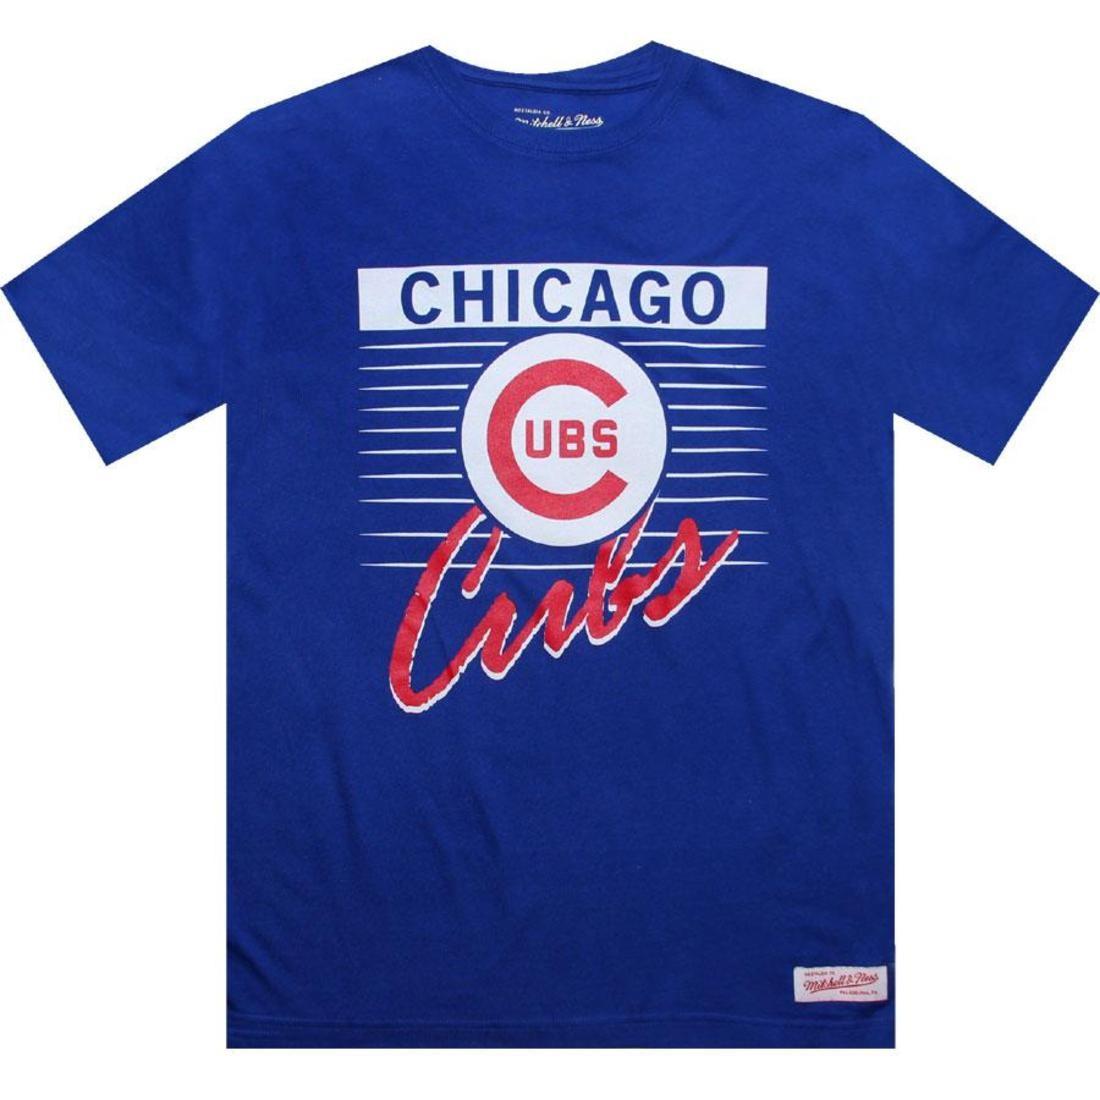 【海外限定】シカゴ カブス Tシャツ トップス メンズファッション 【 MITCHELL AND NESS CHICAGO CUBS BLANK TEE ROYAL BLUE 】